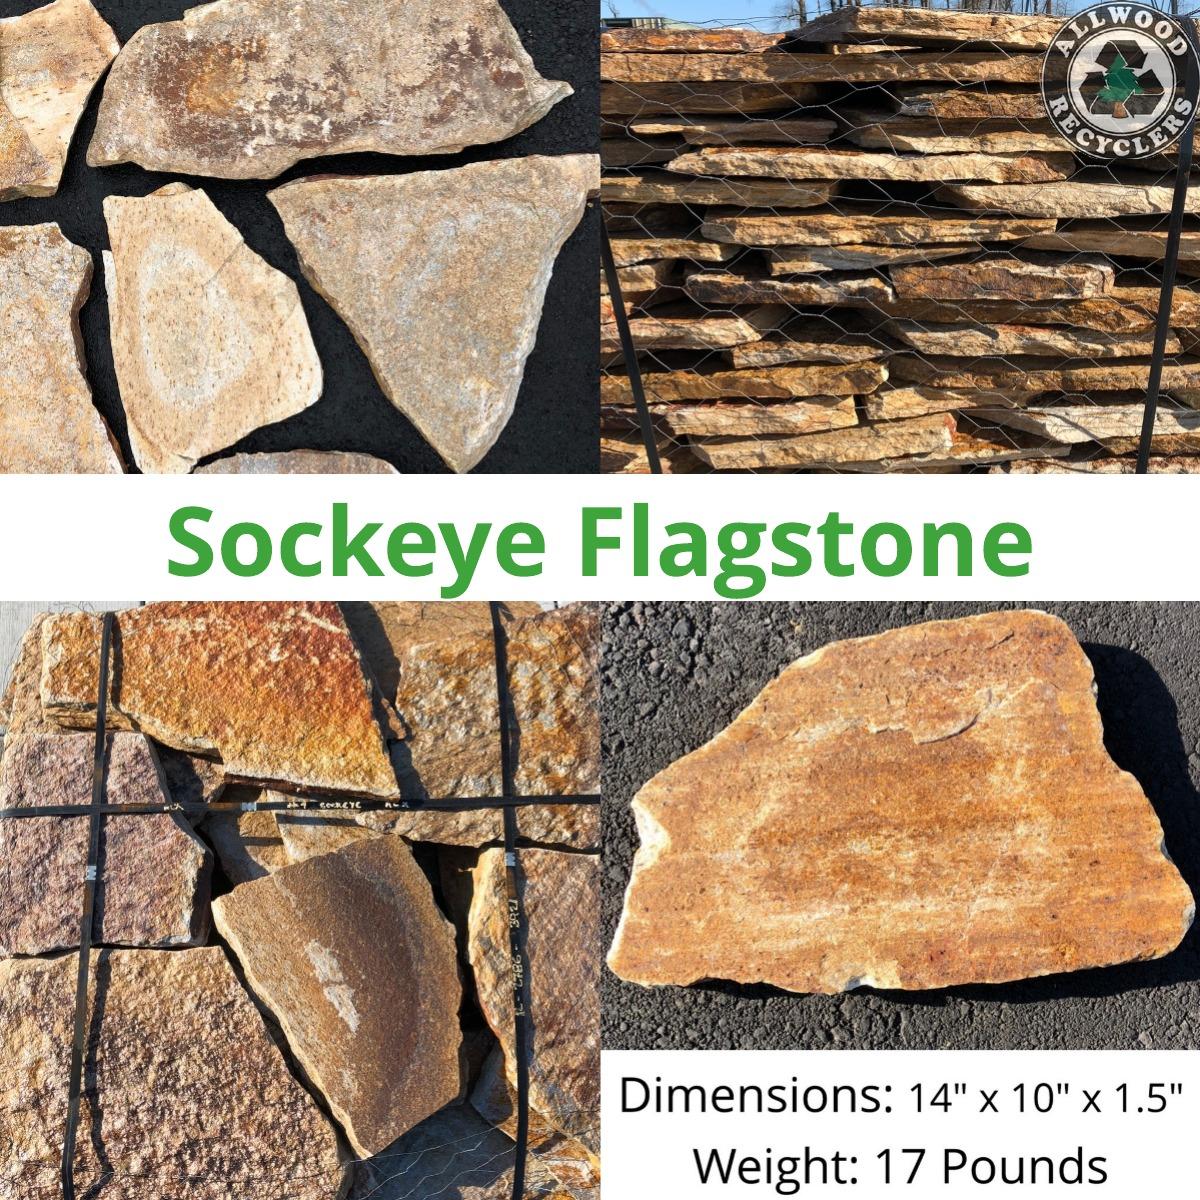 Sockeye Flagstone